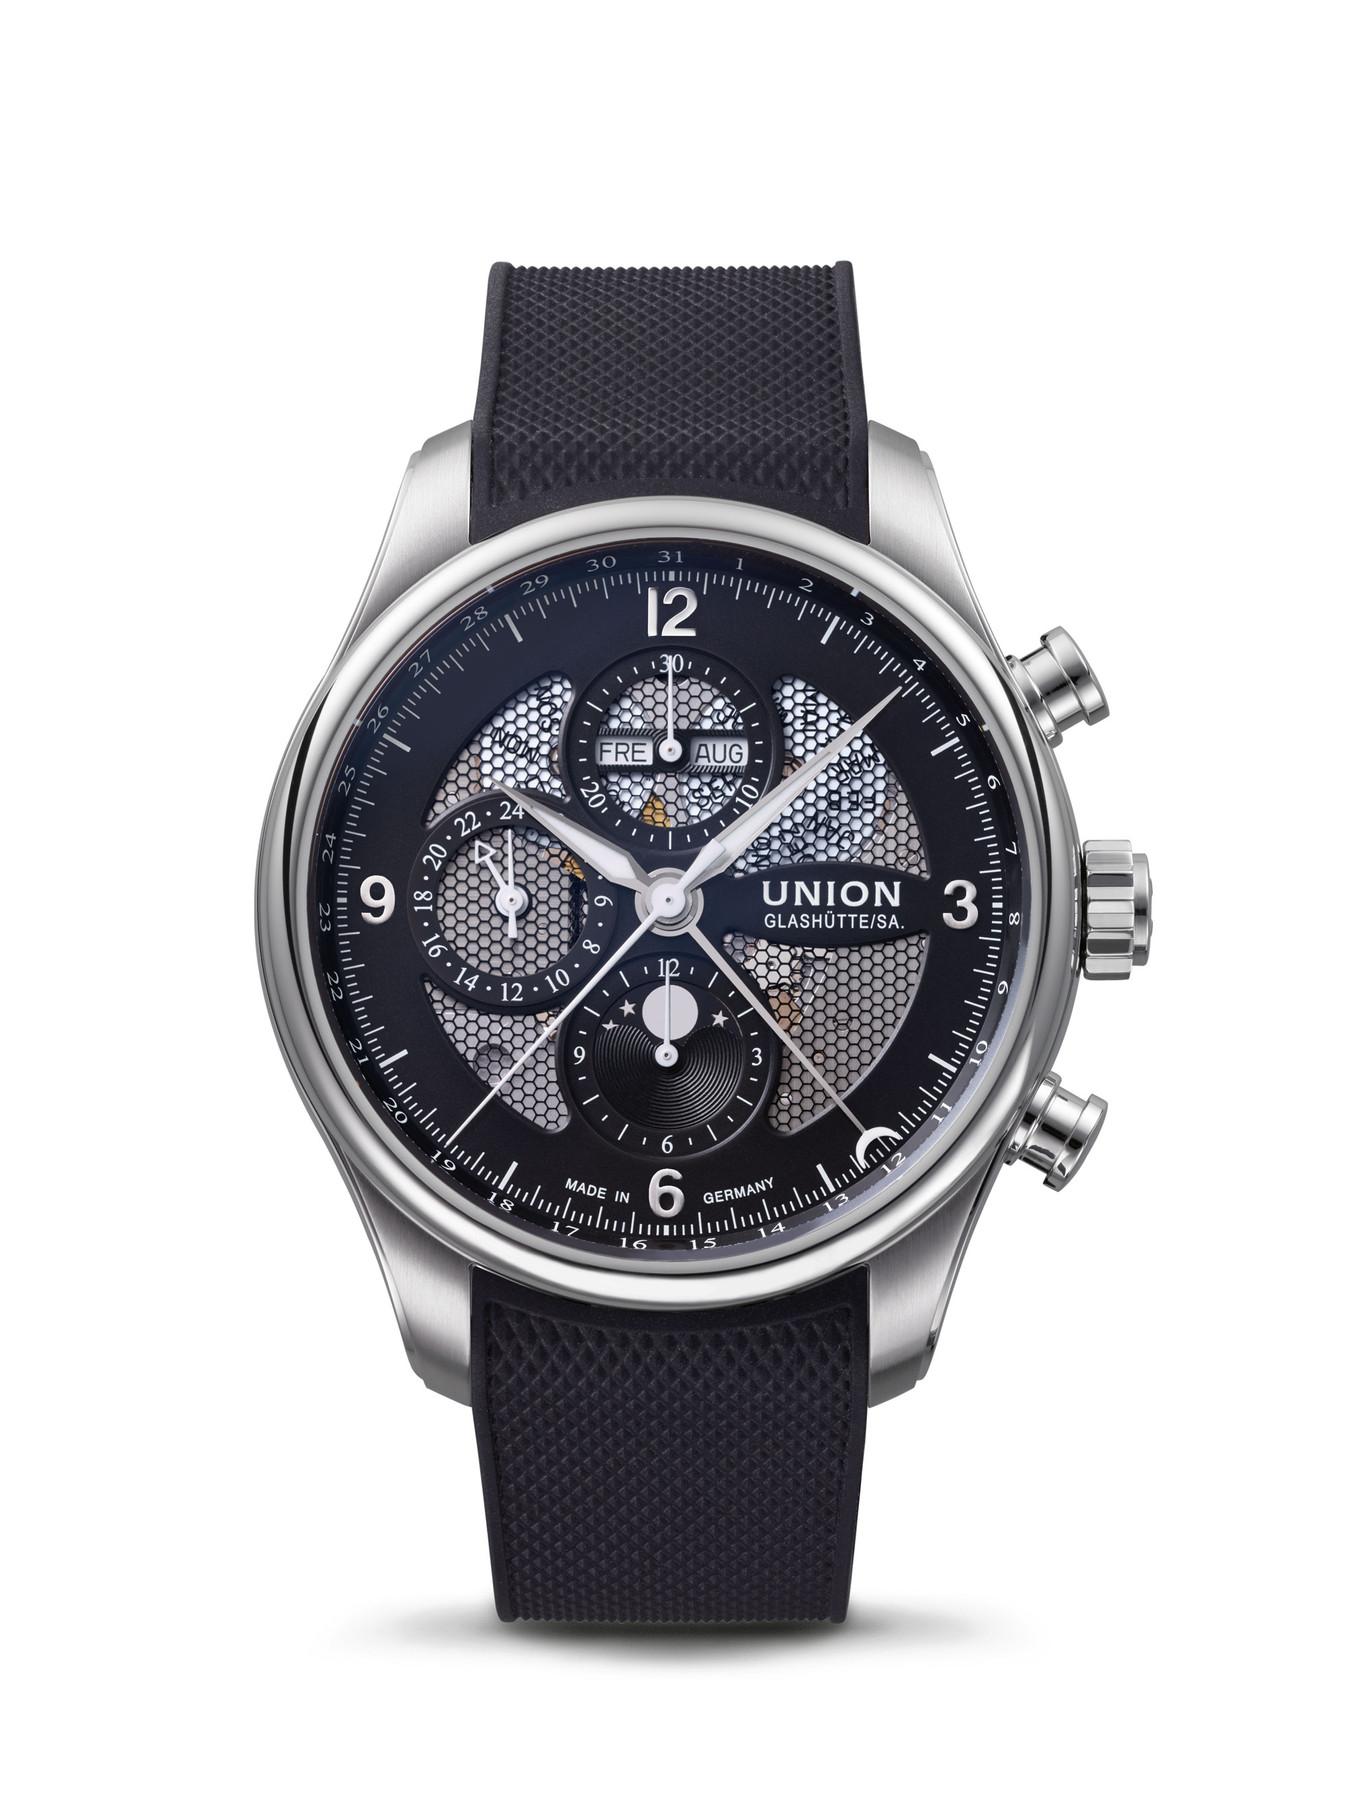 Union Glashütte Belisar Chronograph Mondphase D009.425.17.057.00 | D0094251705700